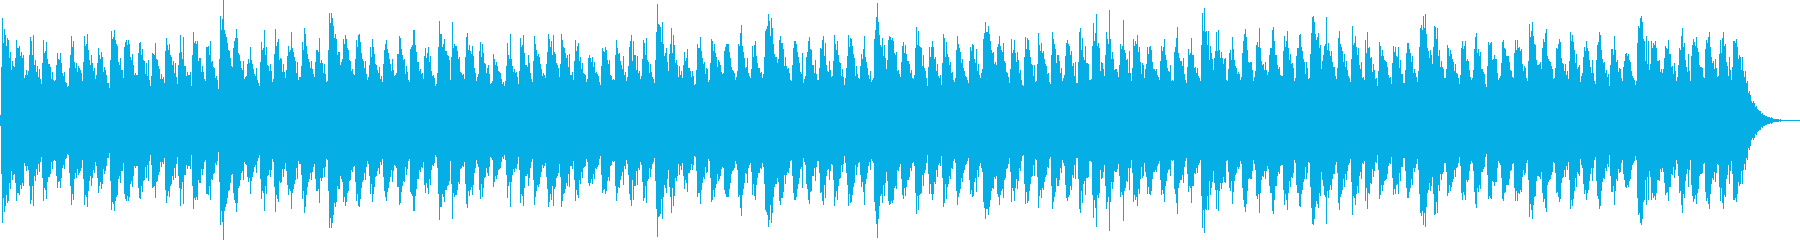 追いつめられるようなホラー曲の再生済みの波形